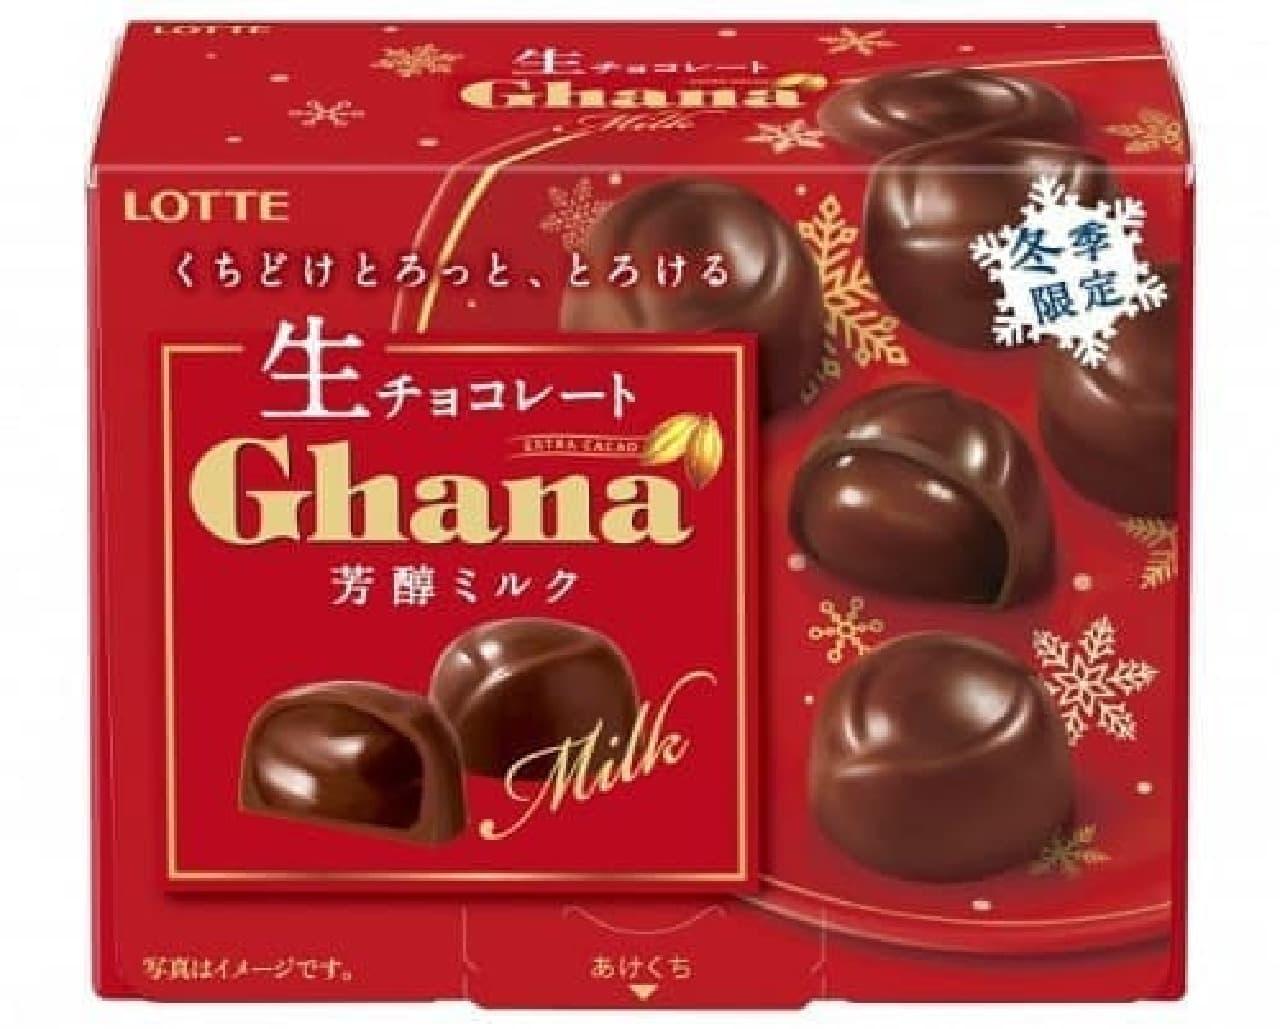 ロッテ「ガーナ生チョコレート<芳醇ミルク>」